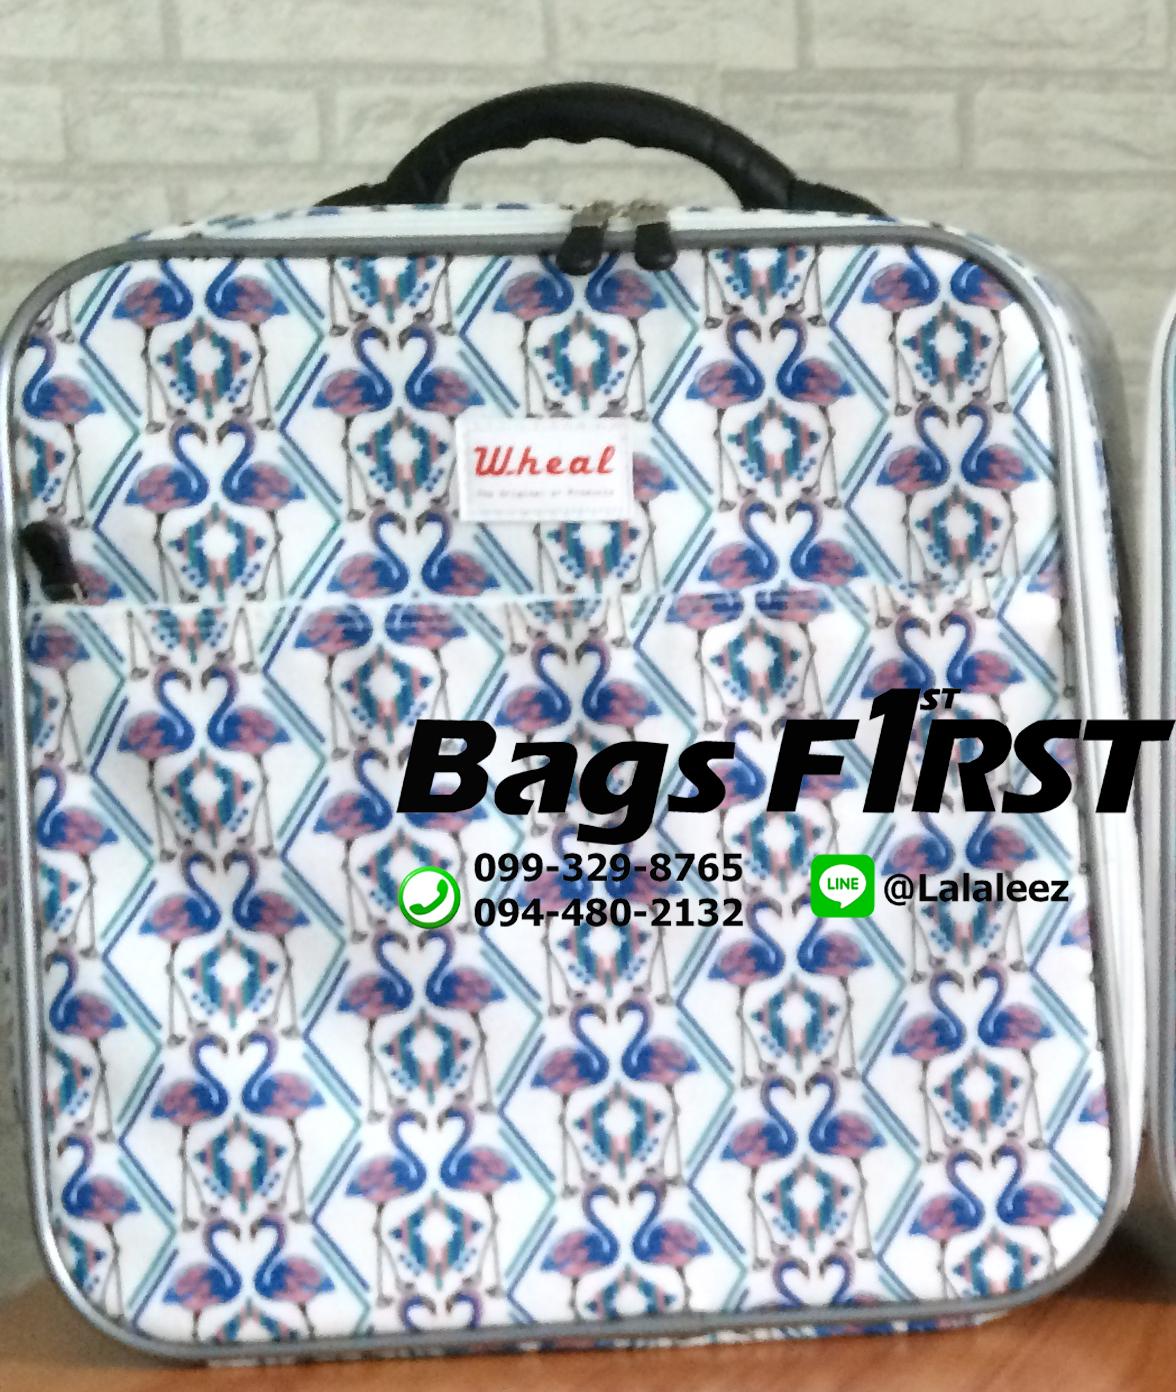 กระเป๋าอเนกประสงค์ ขนาด 14 นิ้ว สีขาว-ฟ้า ลายนกกระเรียน